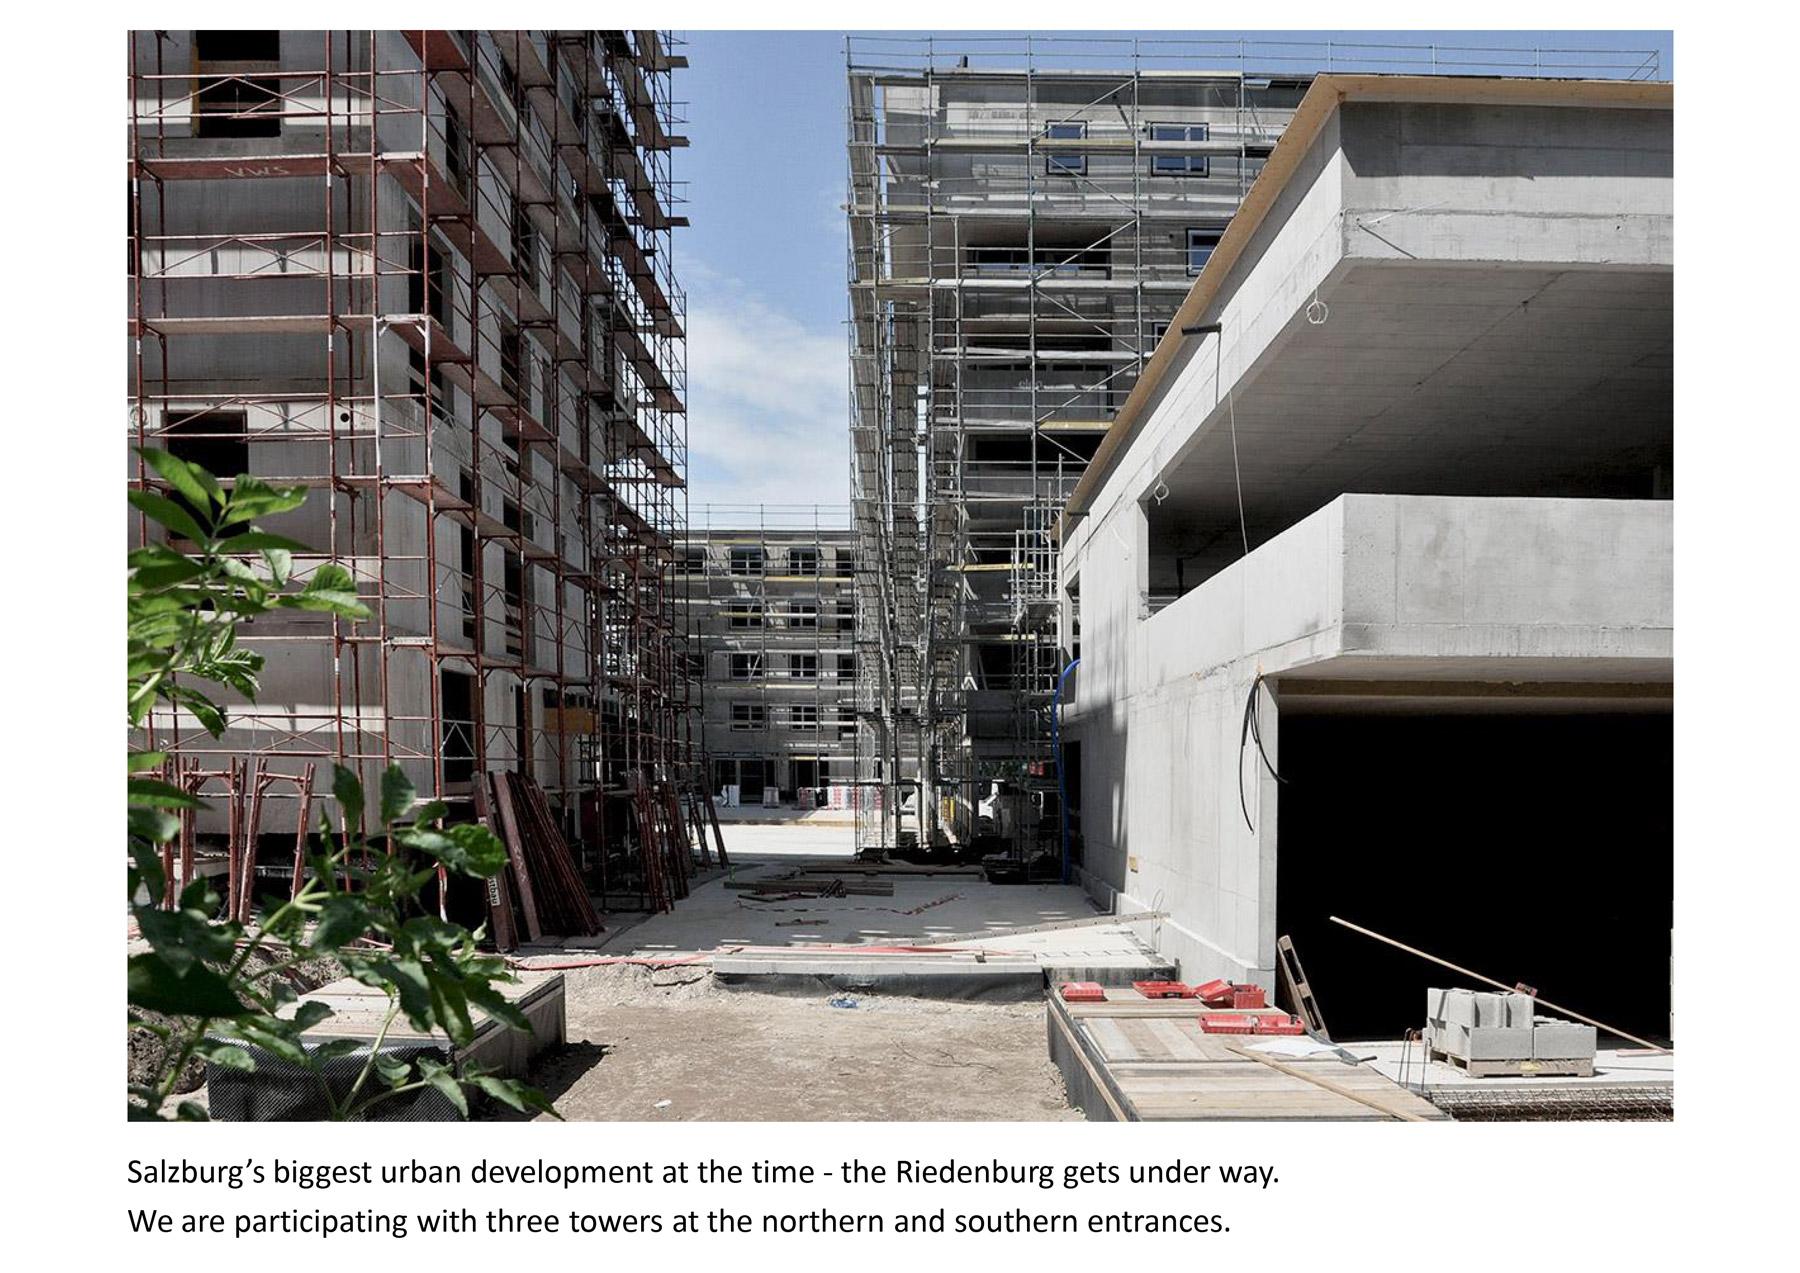 2017_news_202_riedenburg_constructionupdate_slide_01